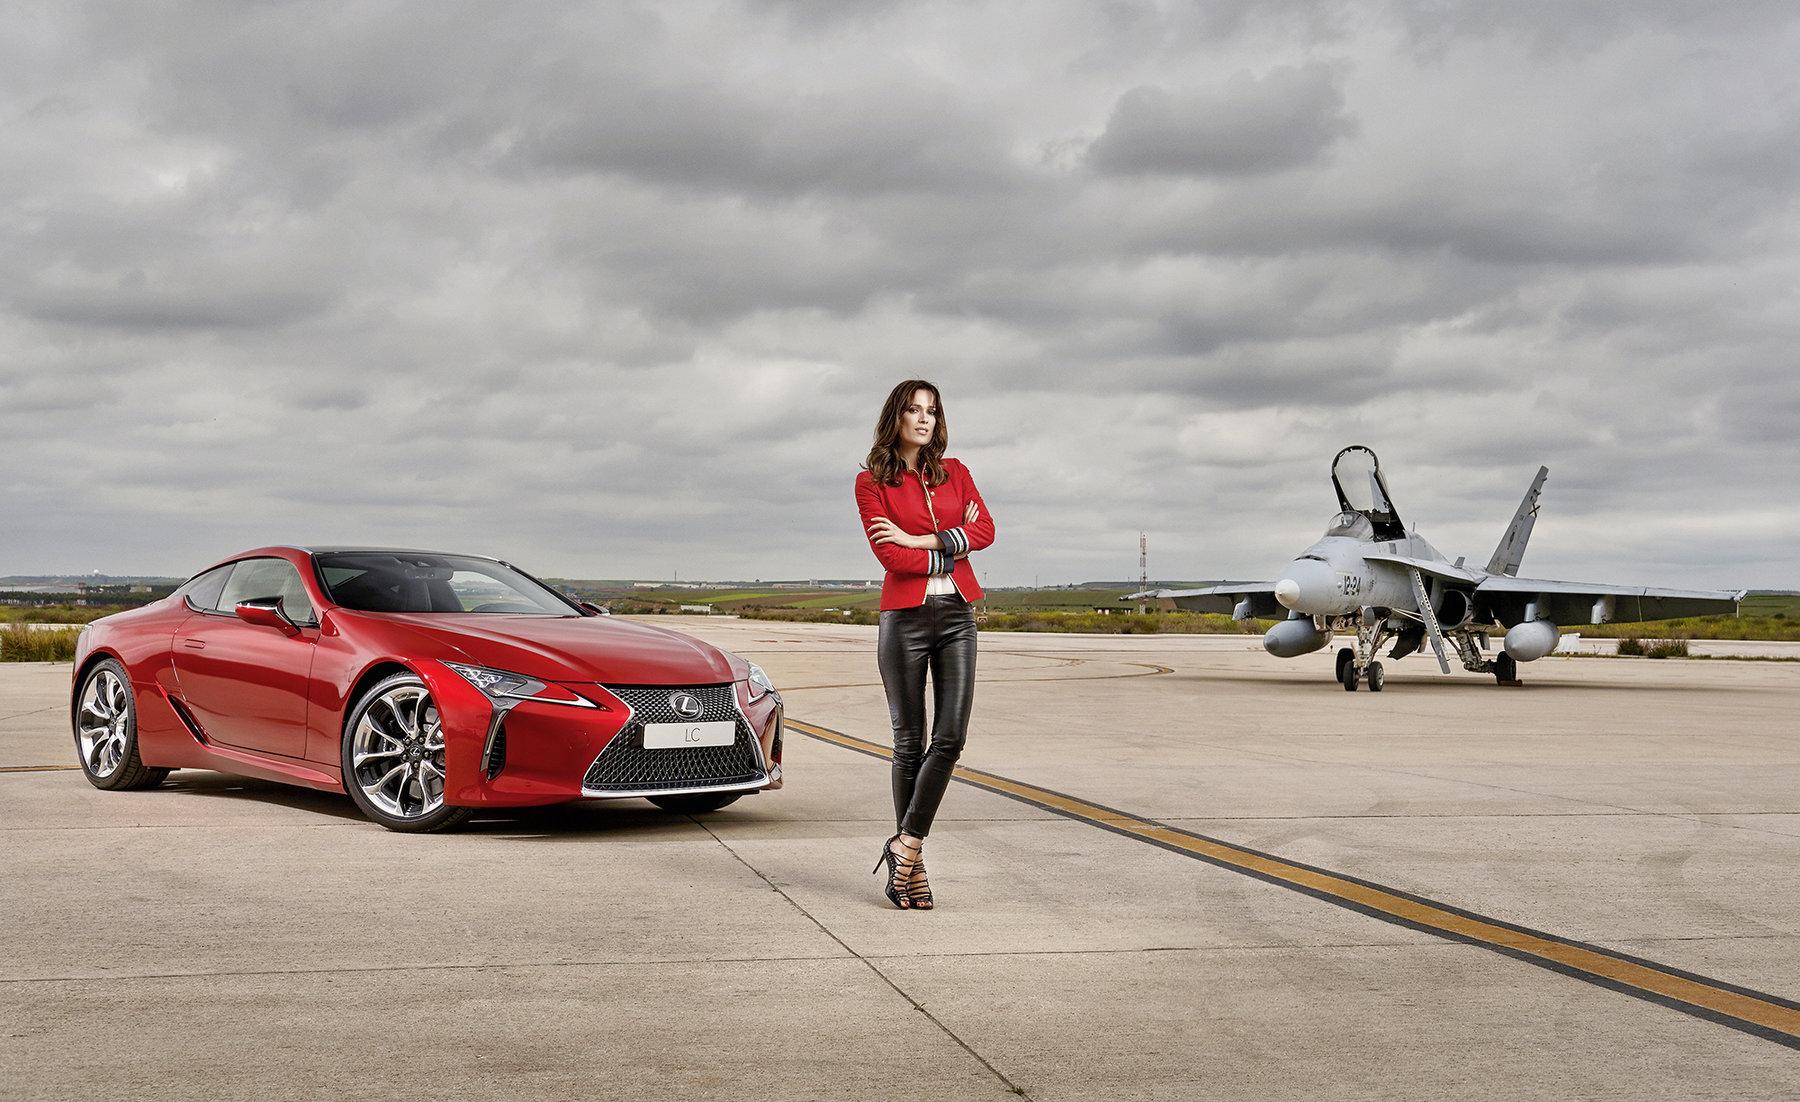 Lexus_Visionary_Experience_Mar_Saura2